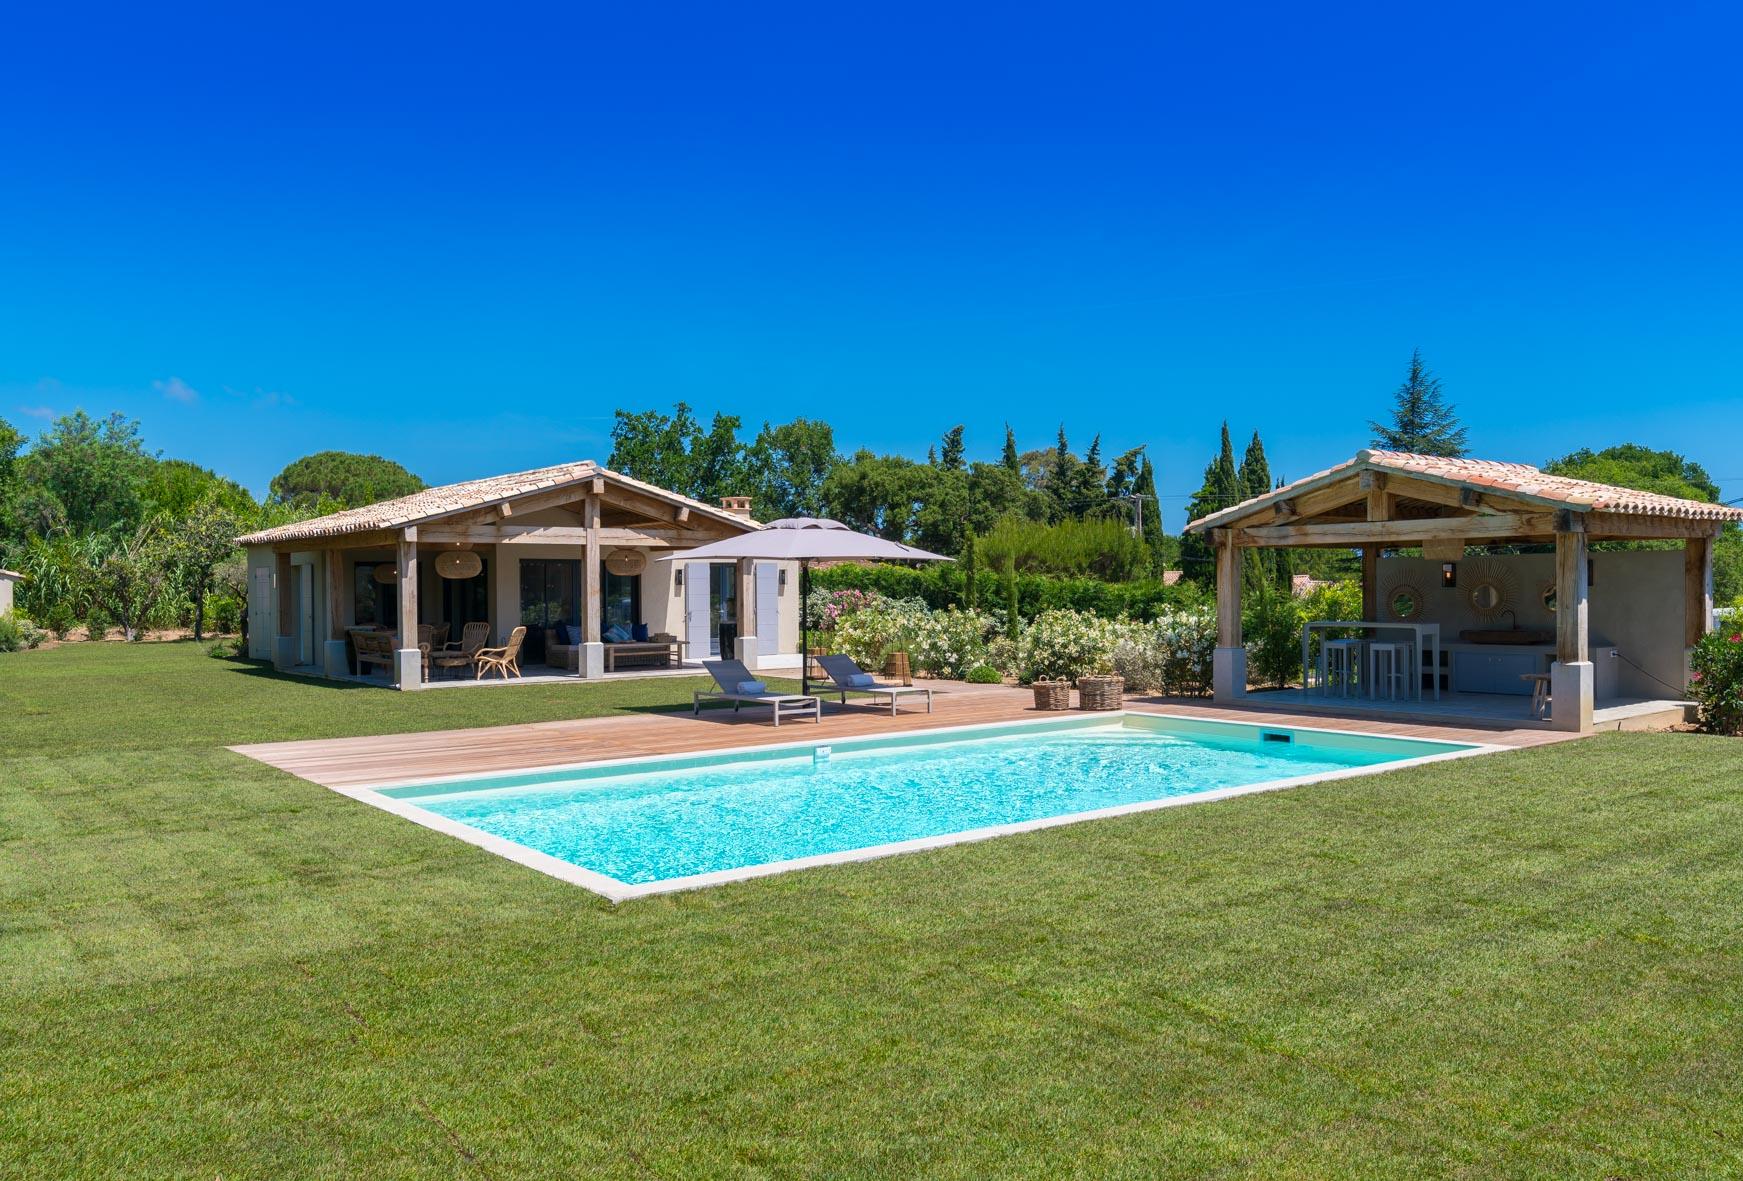 Les Fanaux villa overview image